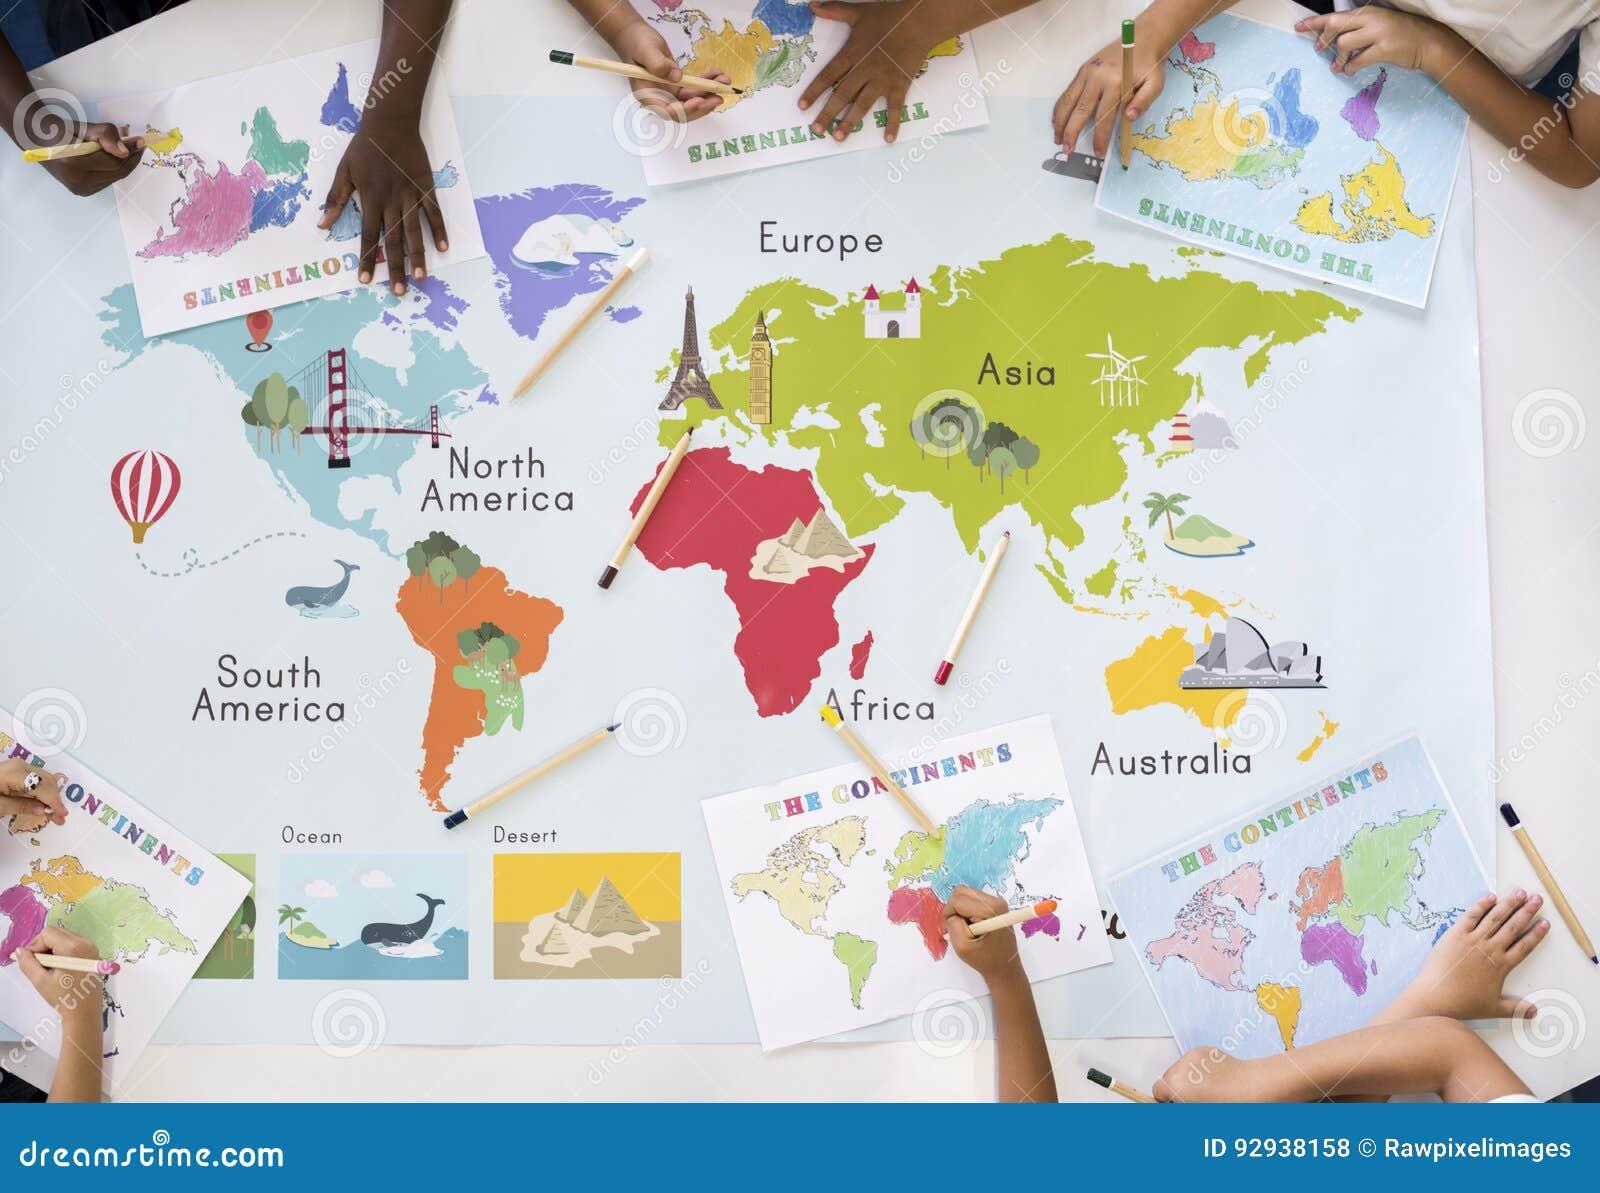 die weltkarte lernen Kinder, Die Weltkarte Mit Kontinent Land Ozean Geograph Lernen